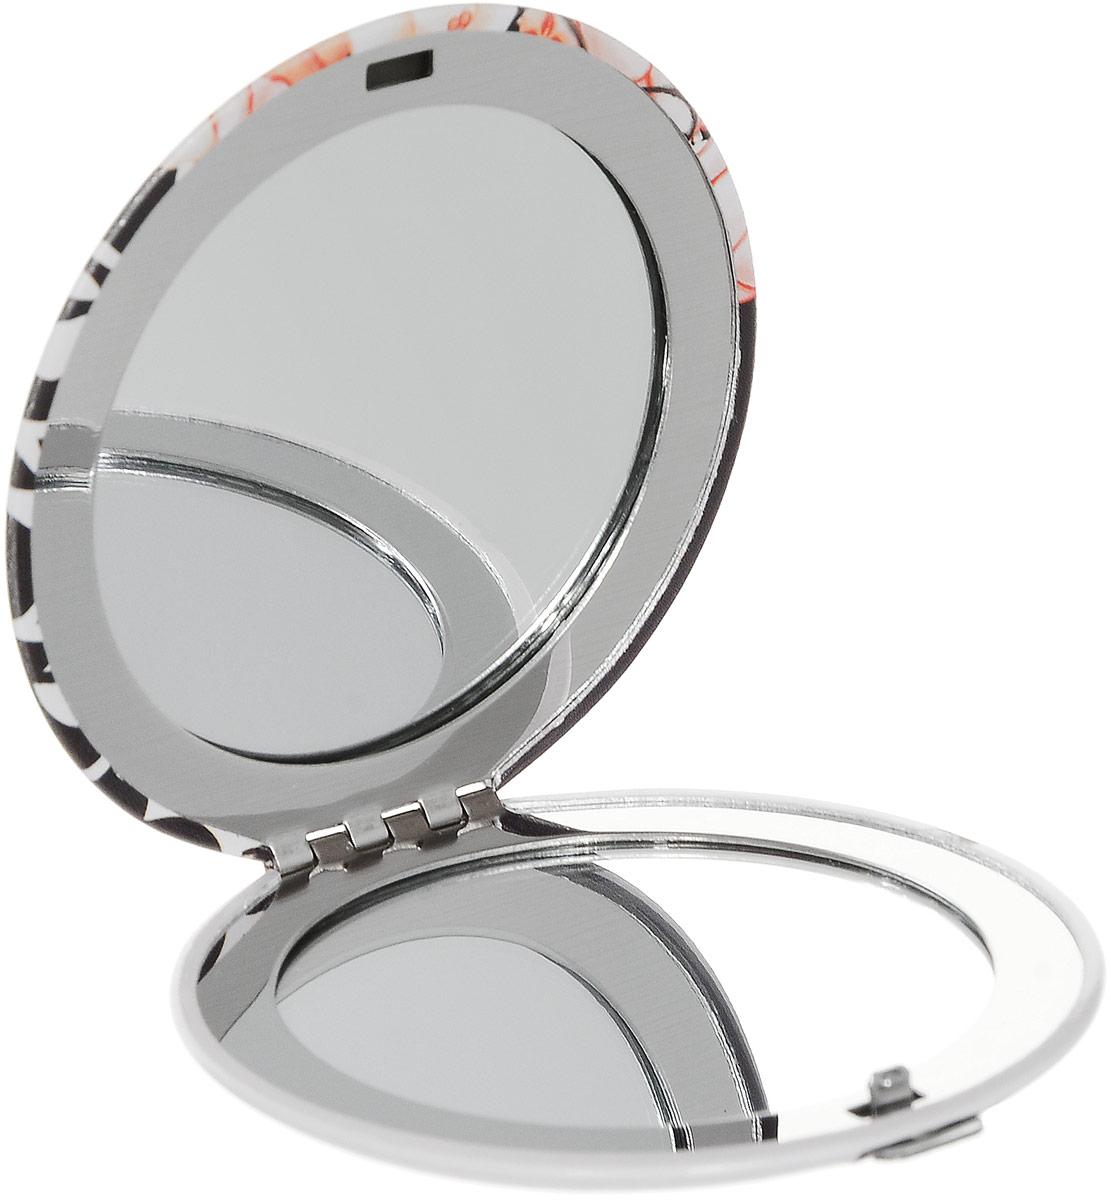 Зеркало карманное Kimmidoll Кайо. KF1119KF1119Изящное зеркало Kimmidoll Кайо выполнено в круглом металлическом корпусе и декорировано ярким изображением. Внутри корпуса расположено два зеркальца - обычное и увеличивающее. Такое зеркало станет отличным подарком представительнице прекрасного пола, ведь даже самая маленькая дамская сумочка обязательно вместит в себя миниатюрное зеркальце - атрибут каждой модницы.